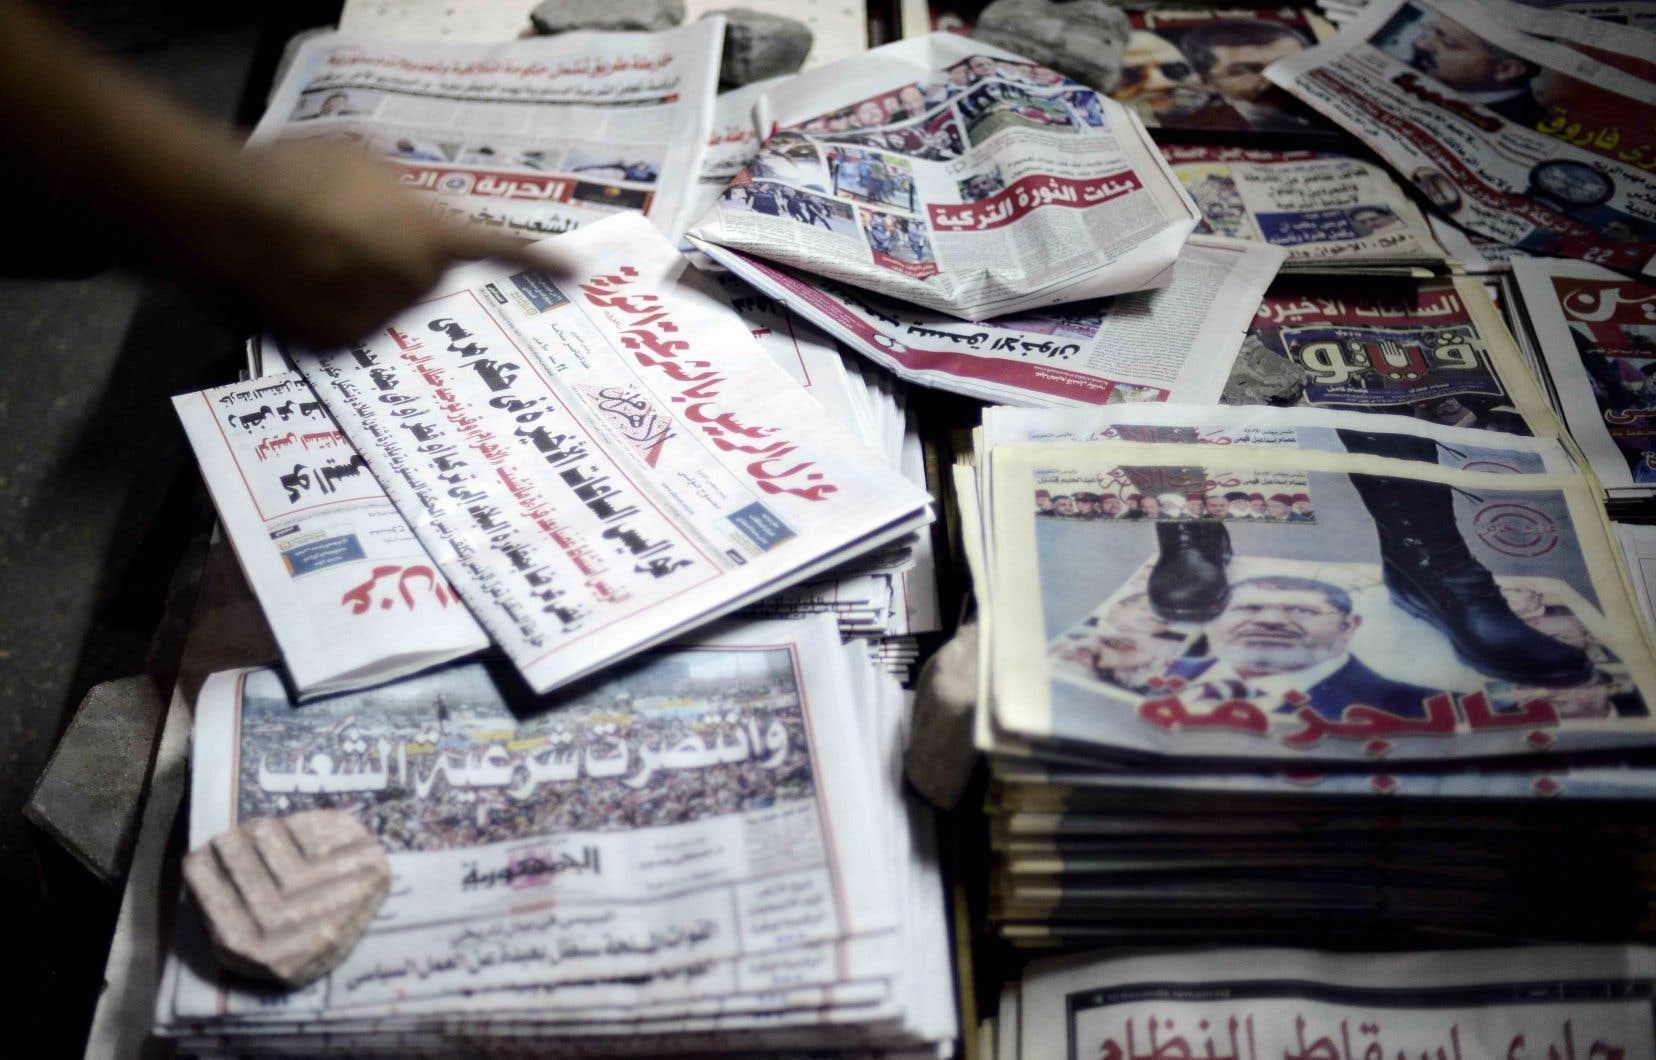 L'Organisme général de l'Information (OGI), qui régule l'activité des médias étrangers en Égypte, se plaint souvent de l'utilisation de sources anonymes.